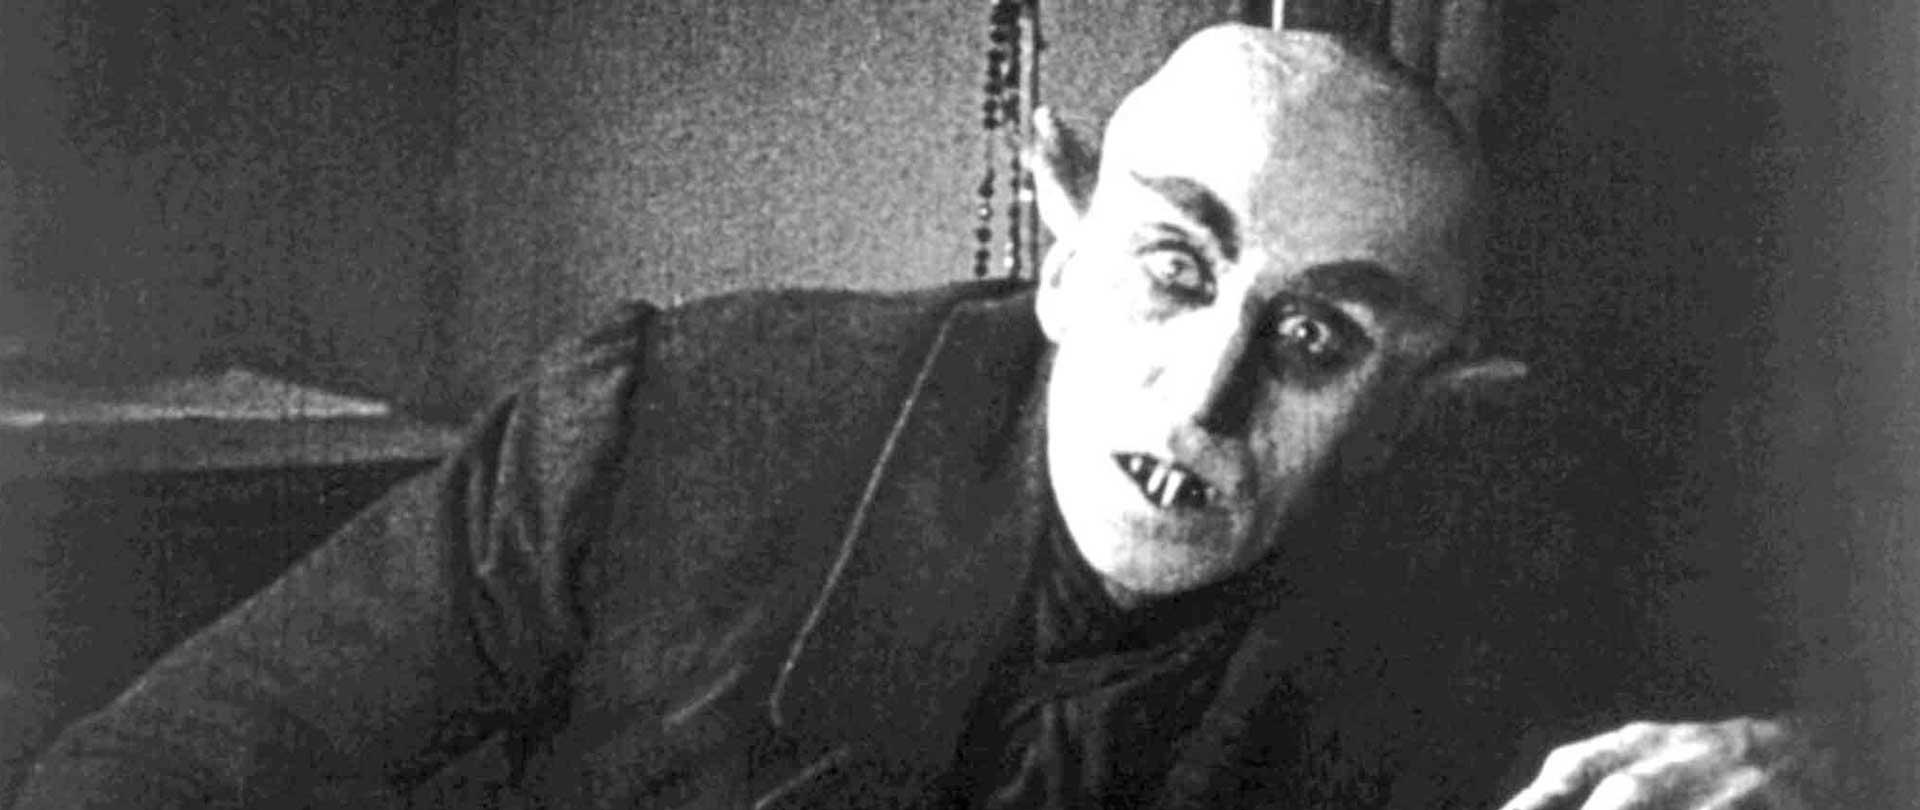 Silent Film Classics Nosferatu | Grace Cathedral